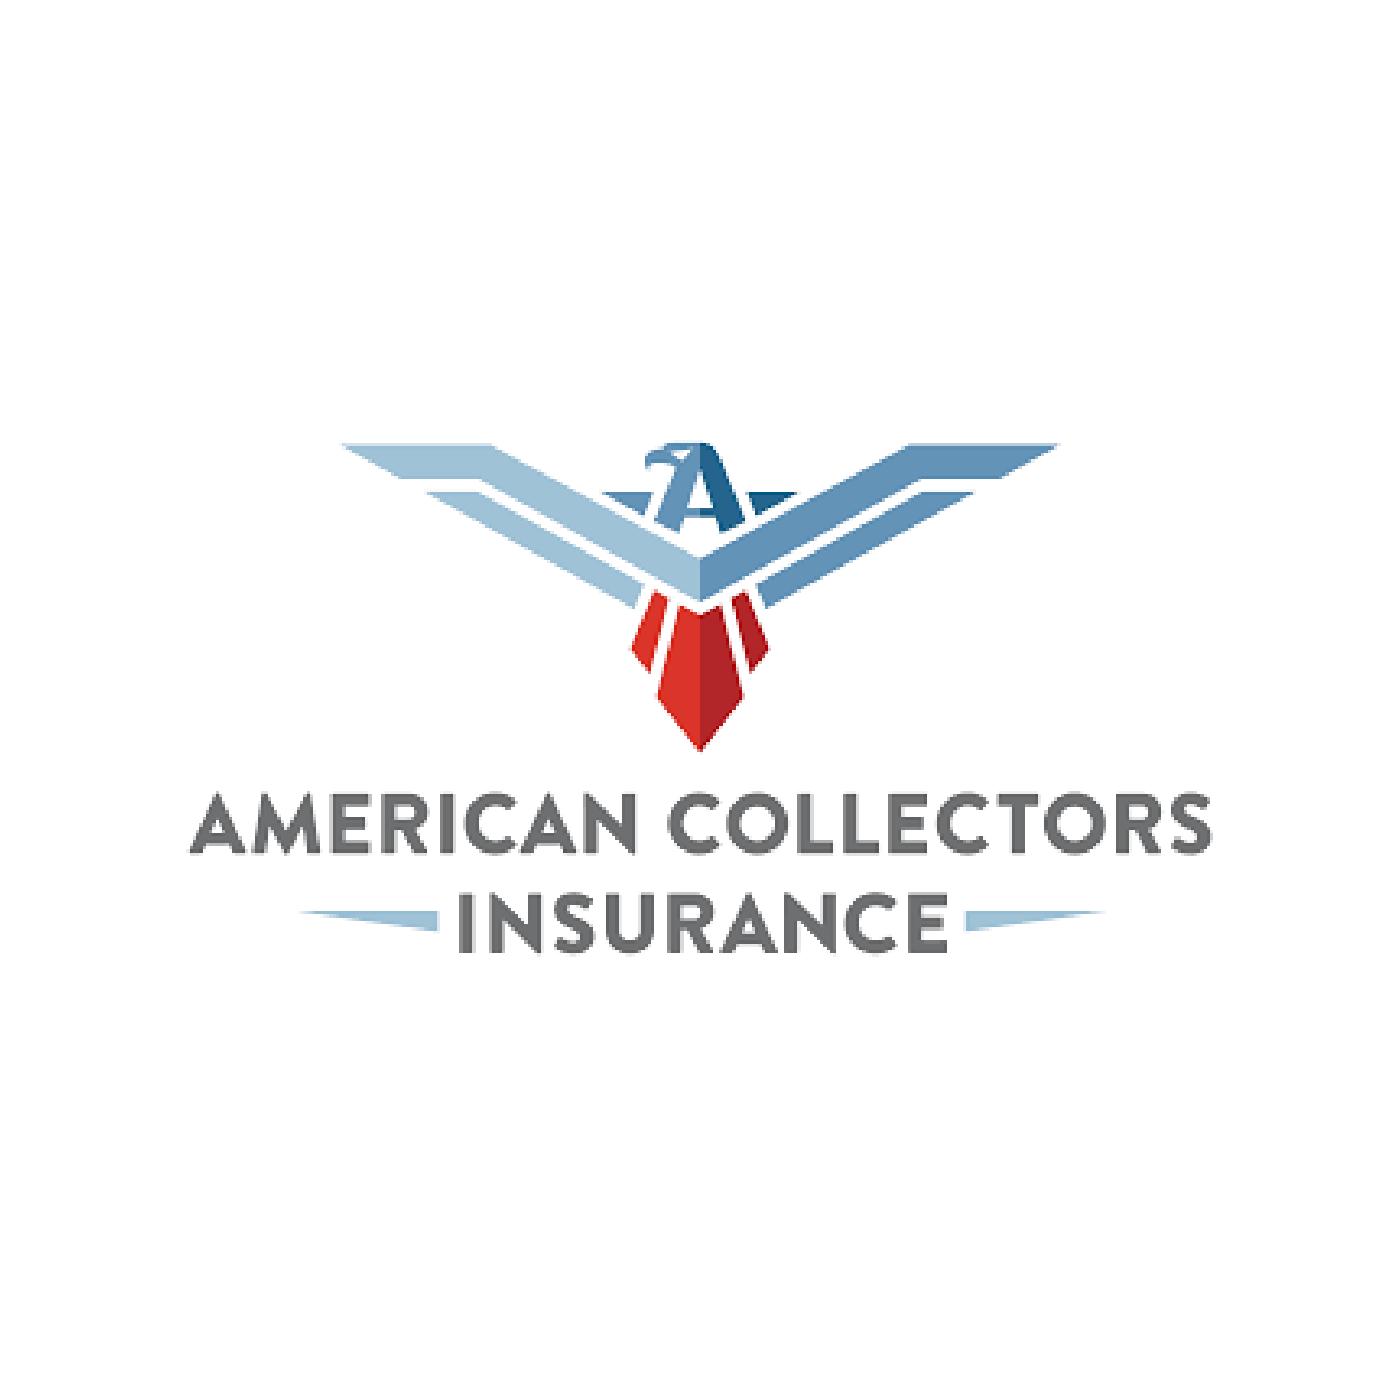 square american collectors